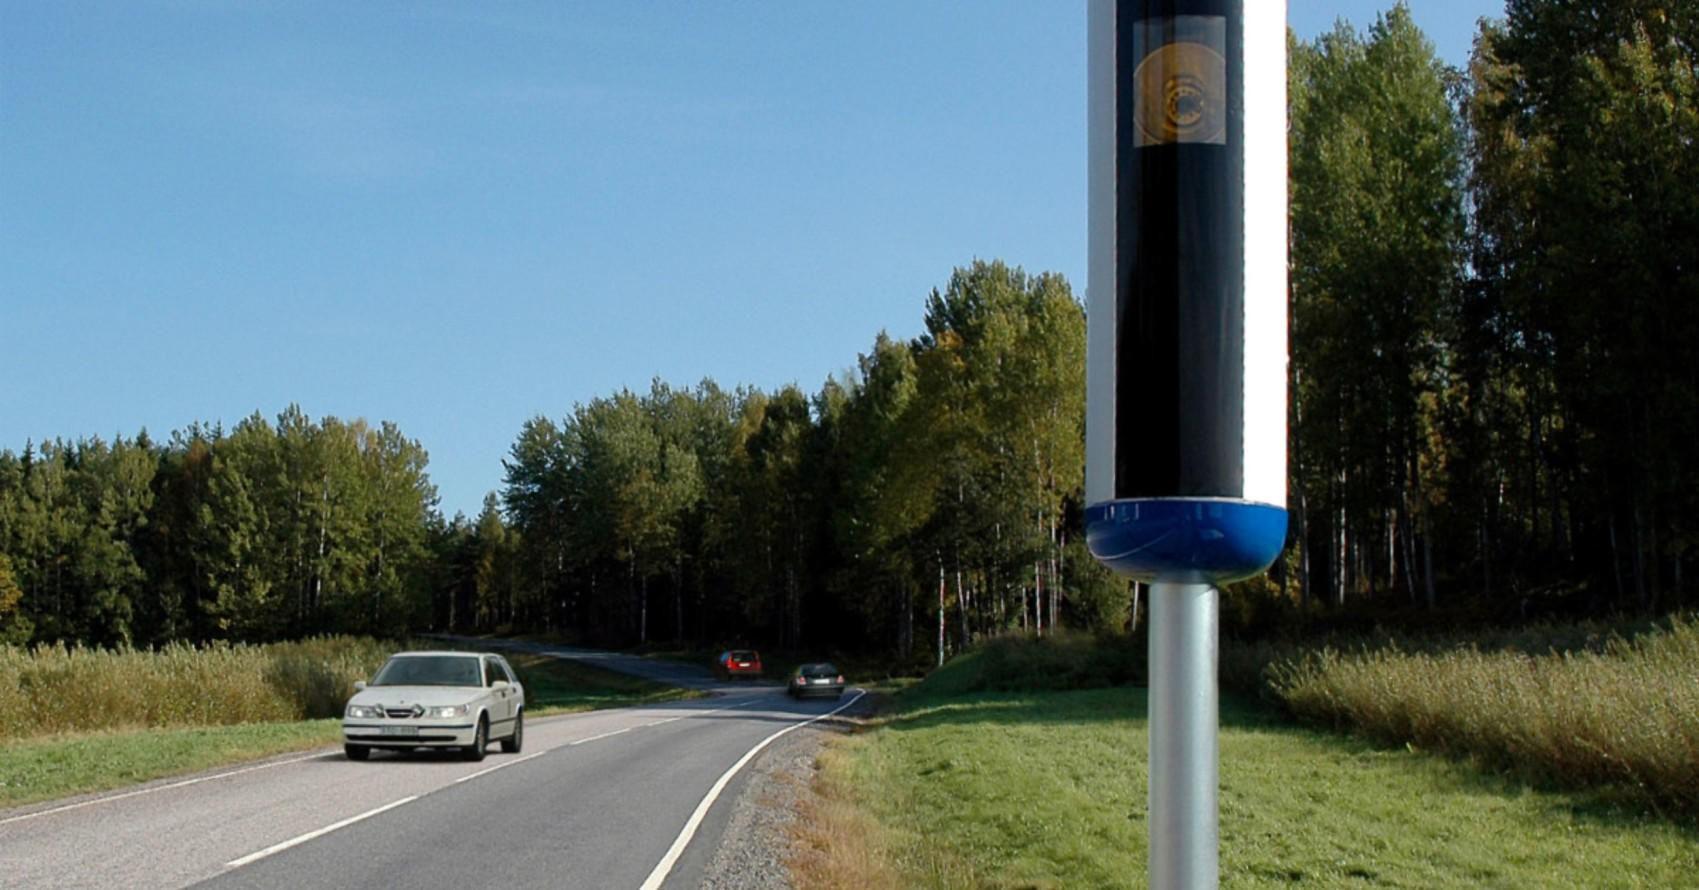 Fotoboksene i Sverige er ikke populære,. de heller. En bilist ble faktisk såpass irritert at han både fjernet den og deretter satte fyr på den! Illustrasjonsofoto